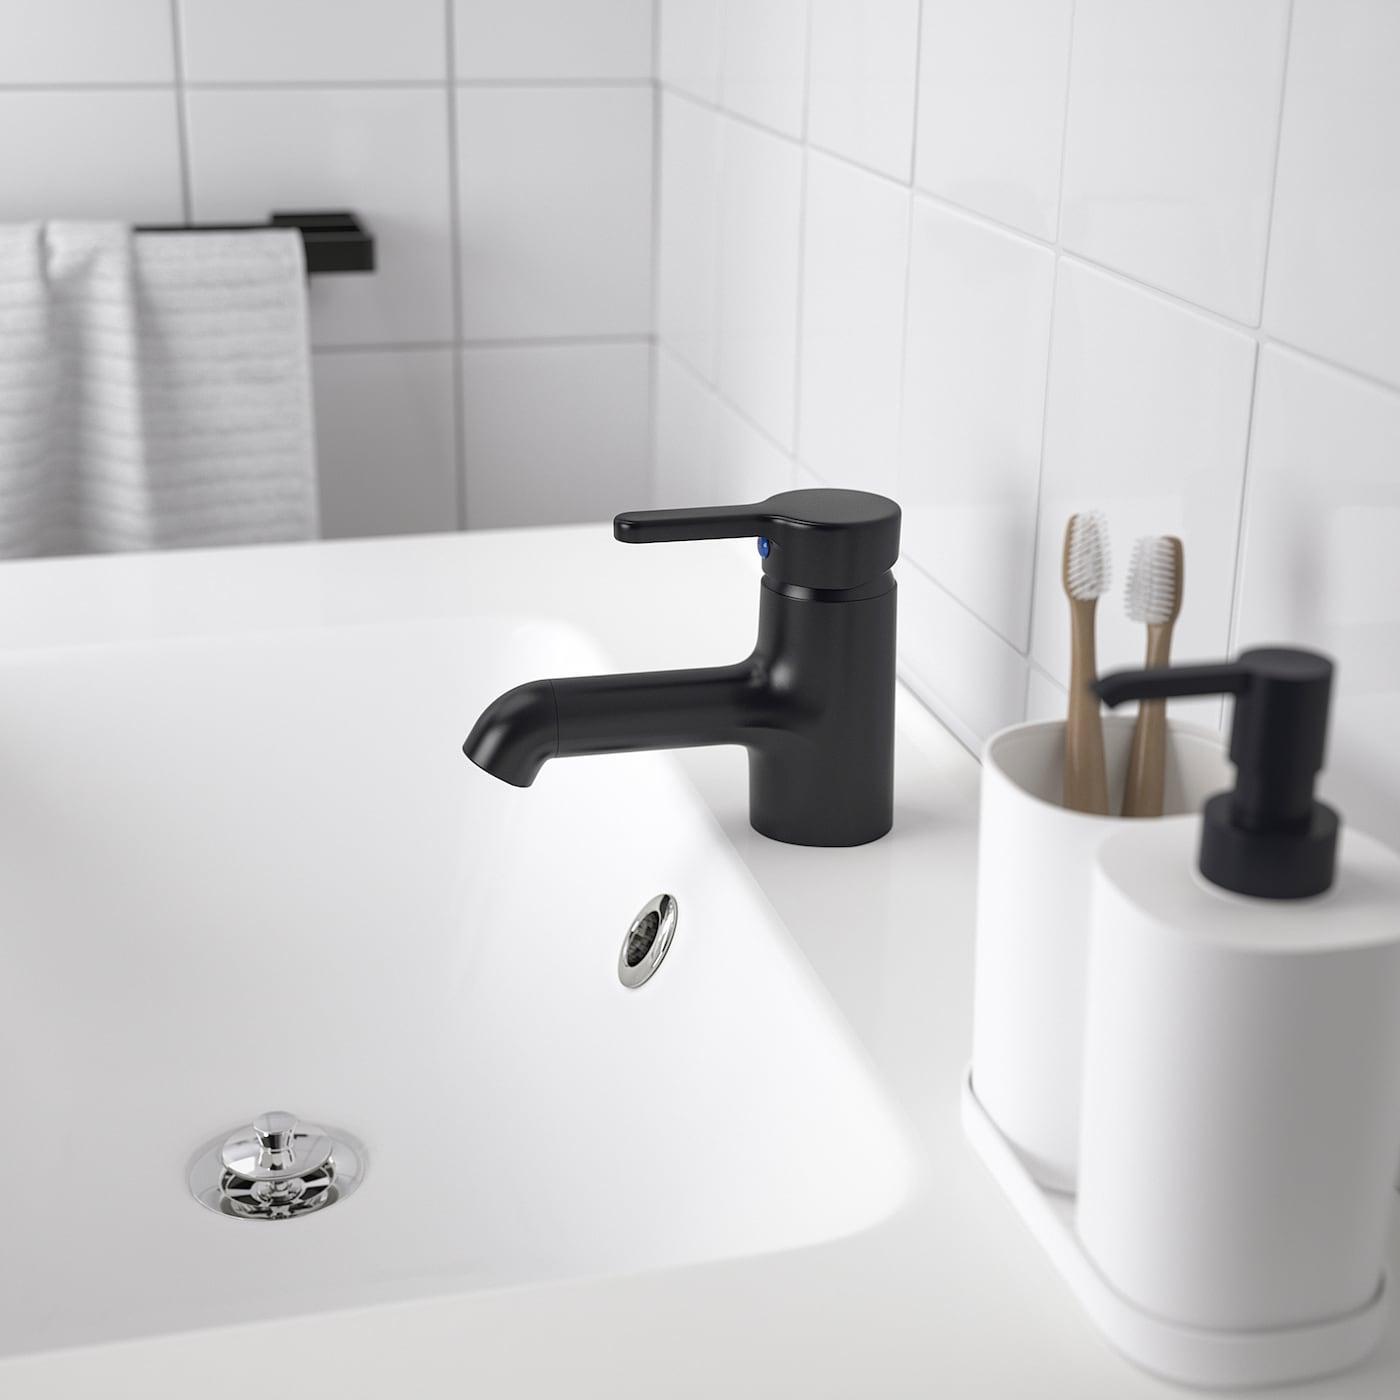 SALJEN Mischbatterie/Waschbecken, schwarz